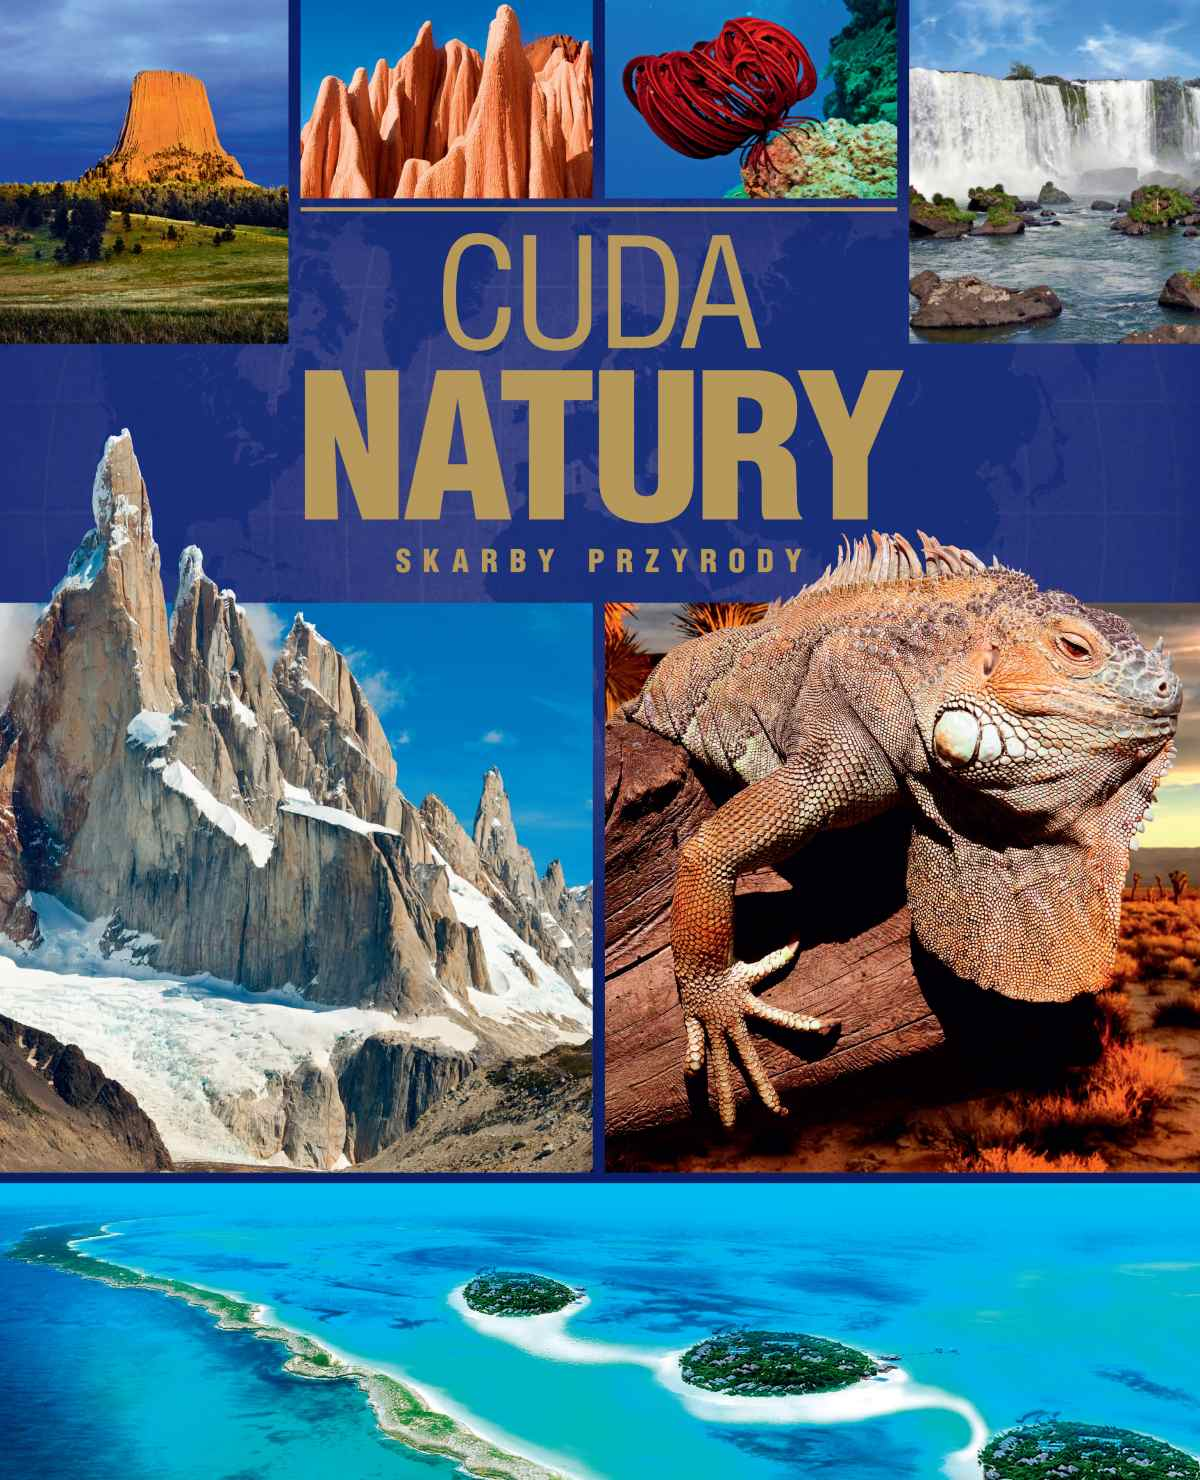 Cuda natury - Ebook (Książka PDF) do pobrania w formacie PDF